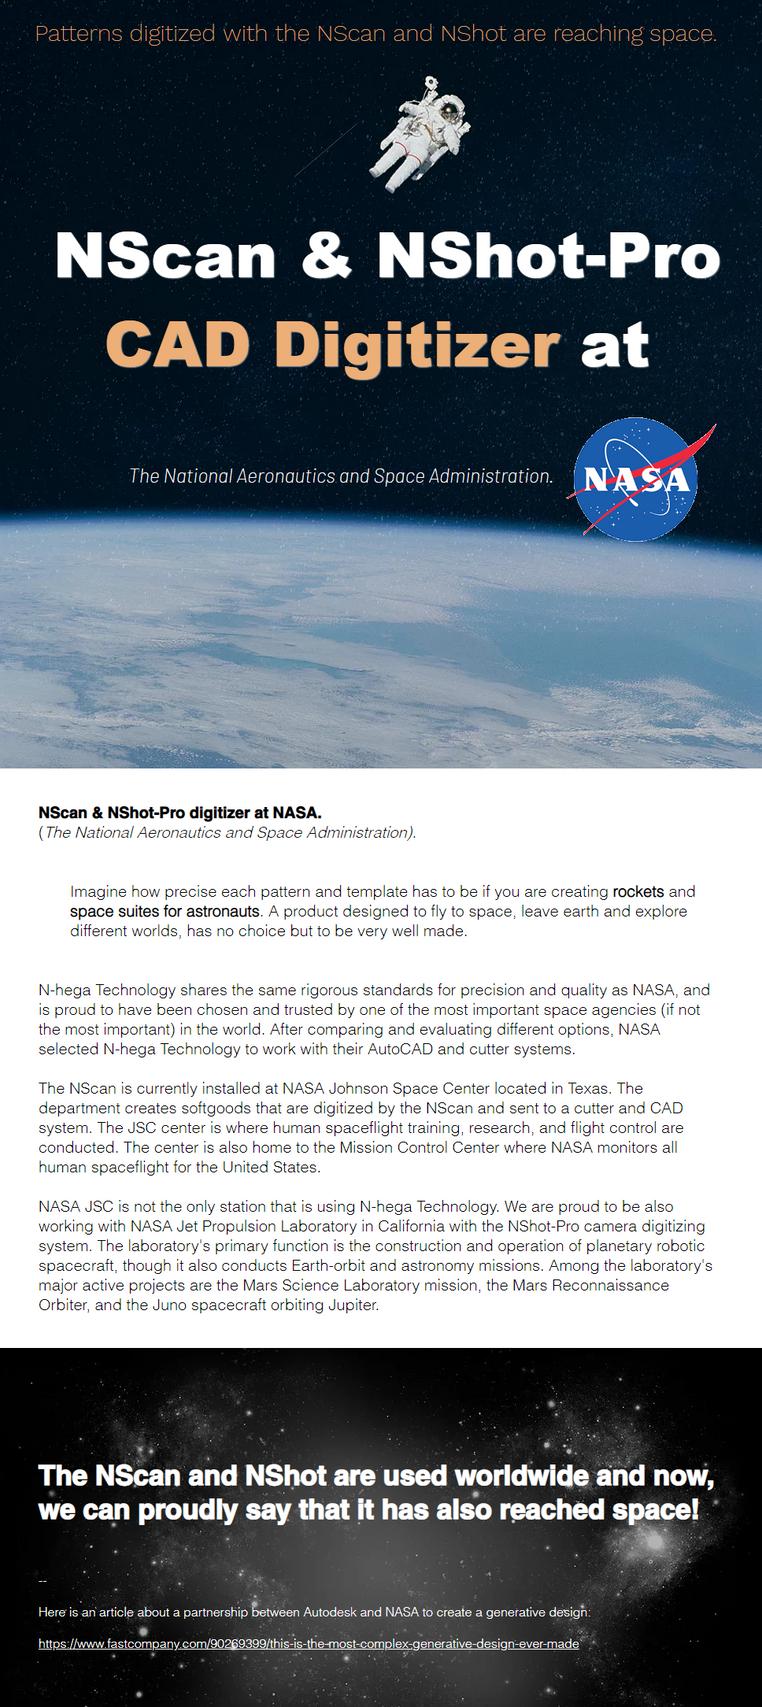 NScan & NShot-Pro CAD digitizers at NASA (the National Aeronautics and space Administration).